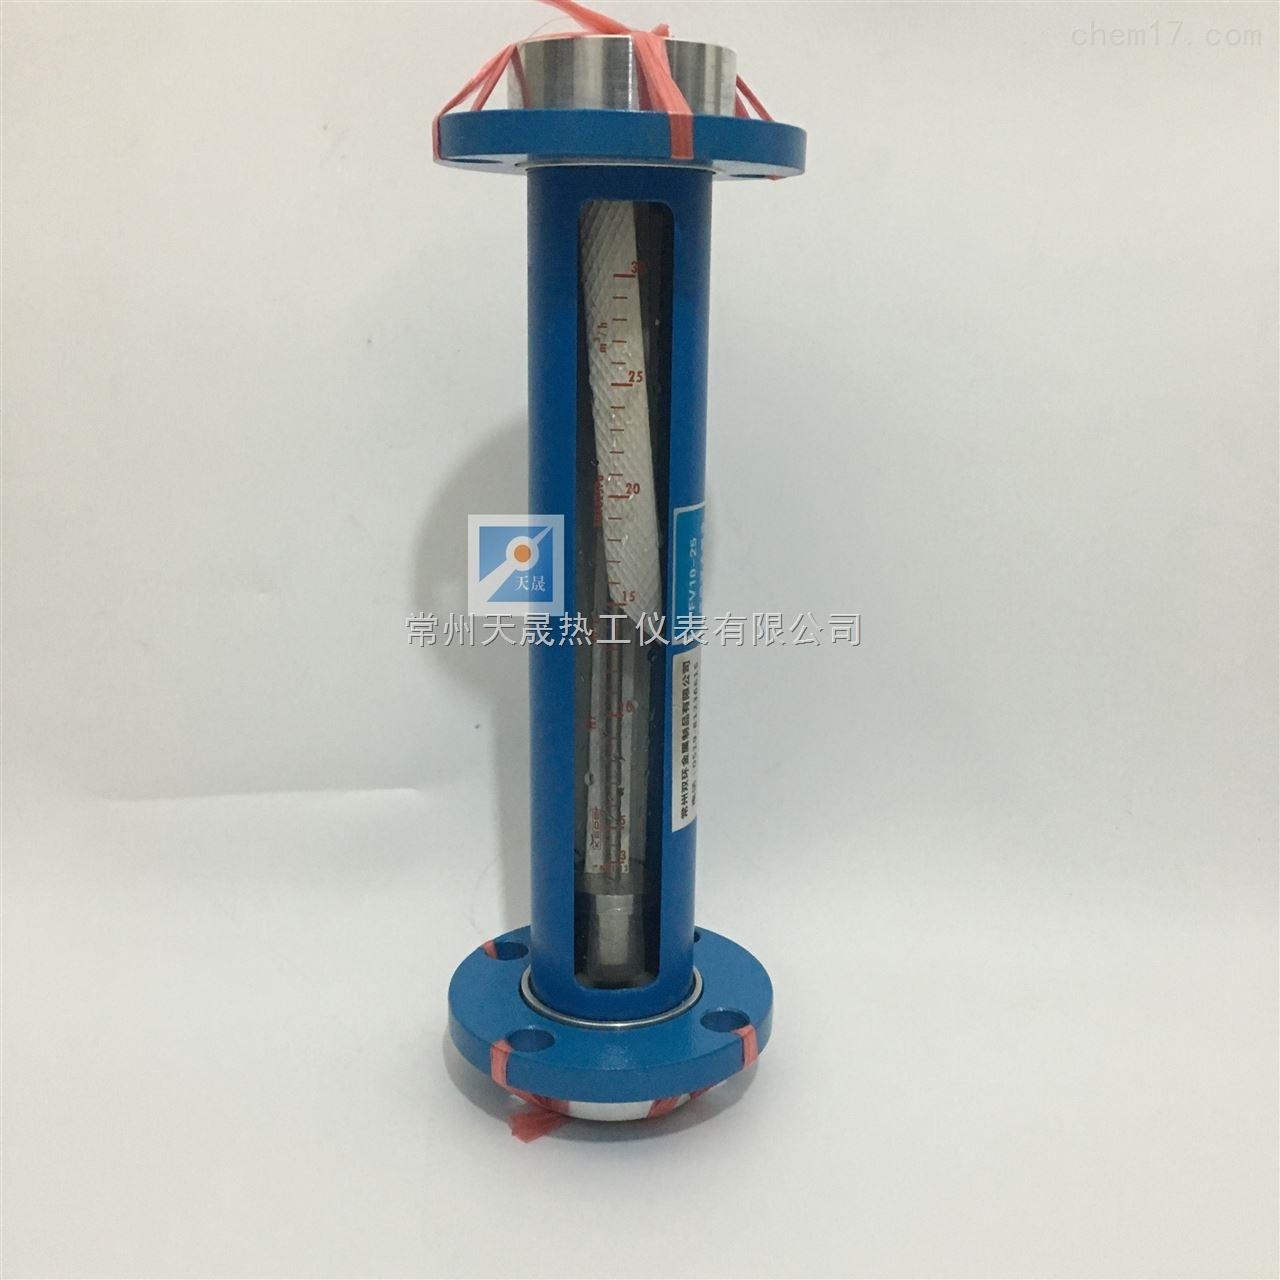 厂家供应FA10-50玻璃转子流量计 液体630-6300L/H